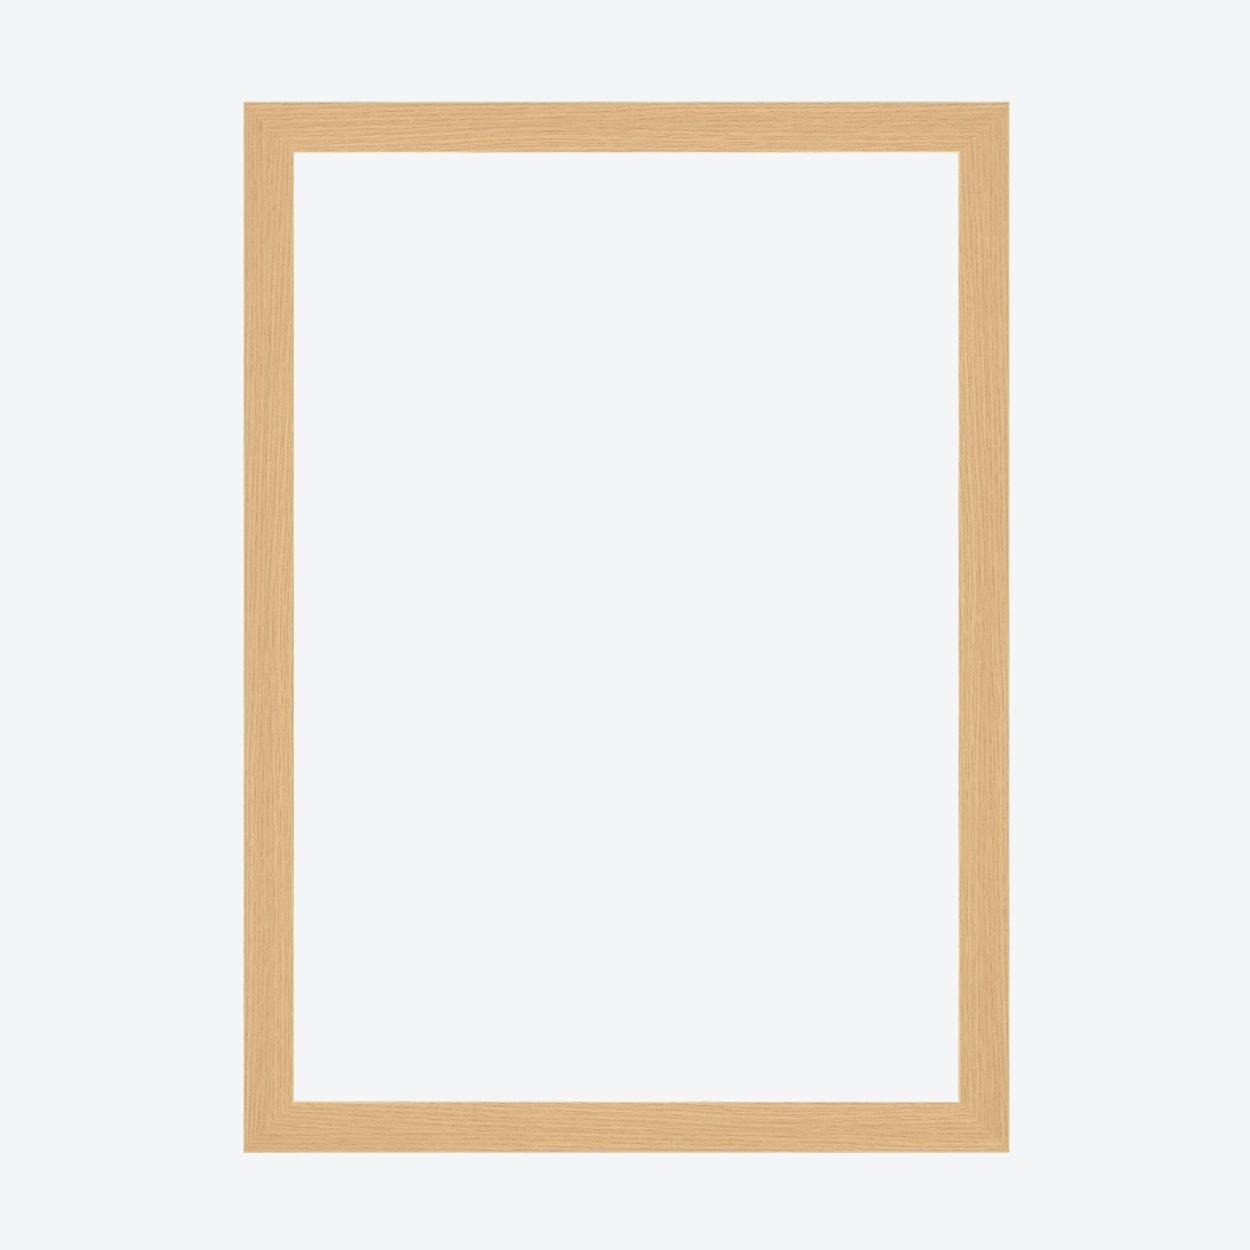 Ziemlich Framing Herz Studie Galerie - Benutzerdefinierte ...